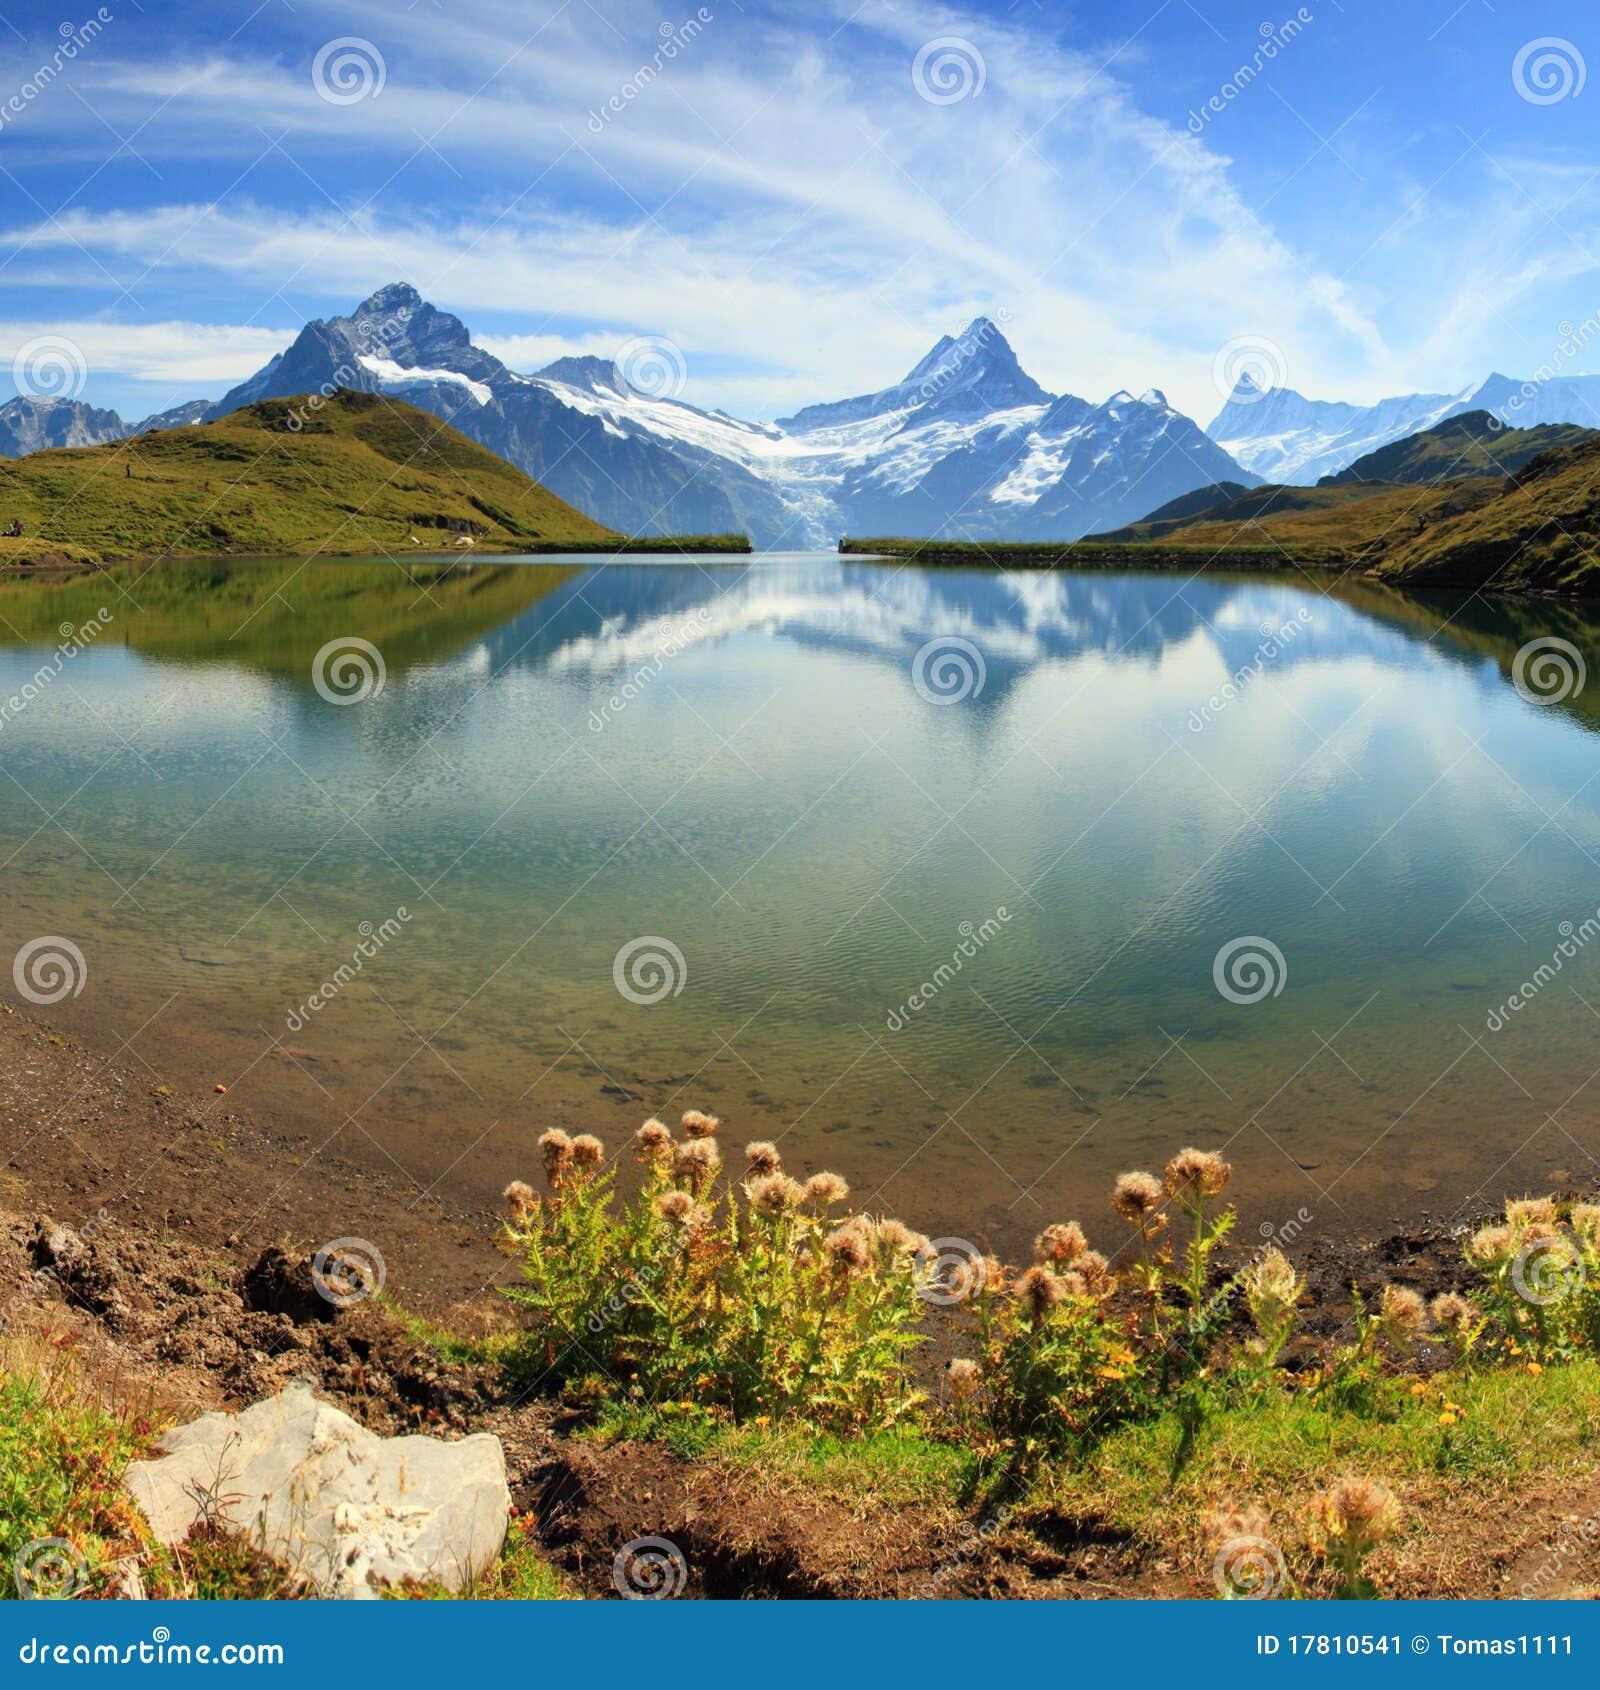 Beautiful Lake House Homes: Beautiful Lake With Swiss Mountain Reflection Royalty-Free